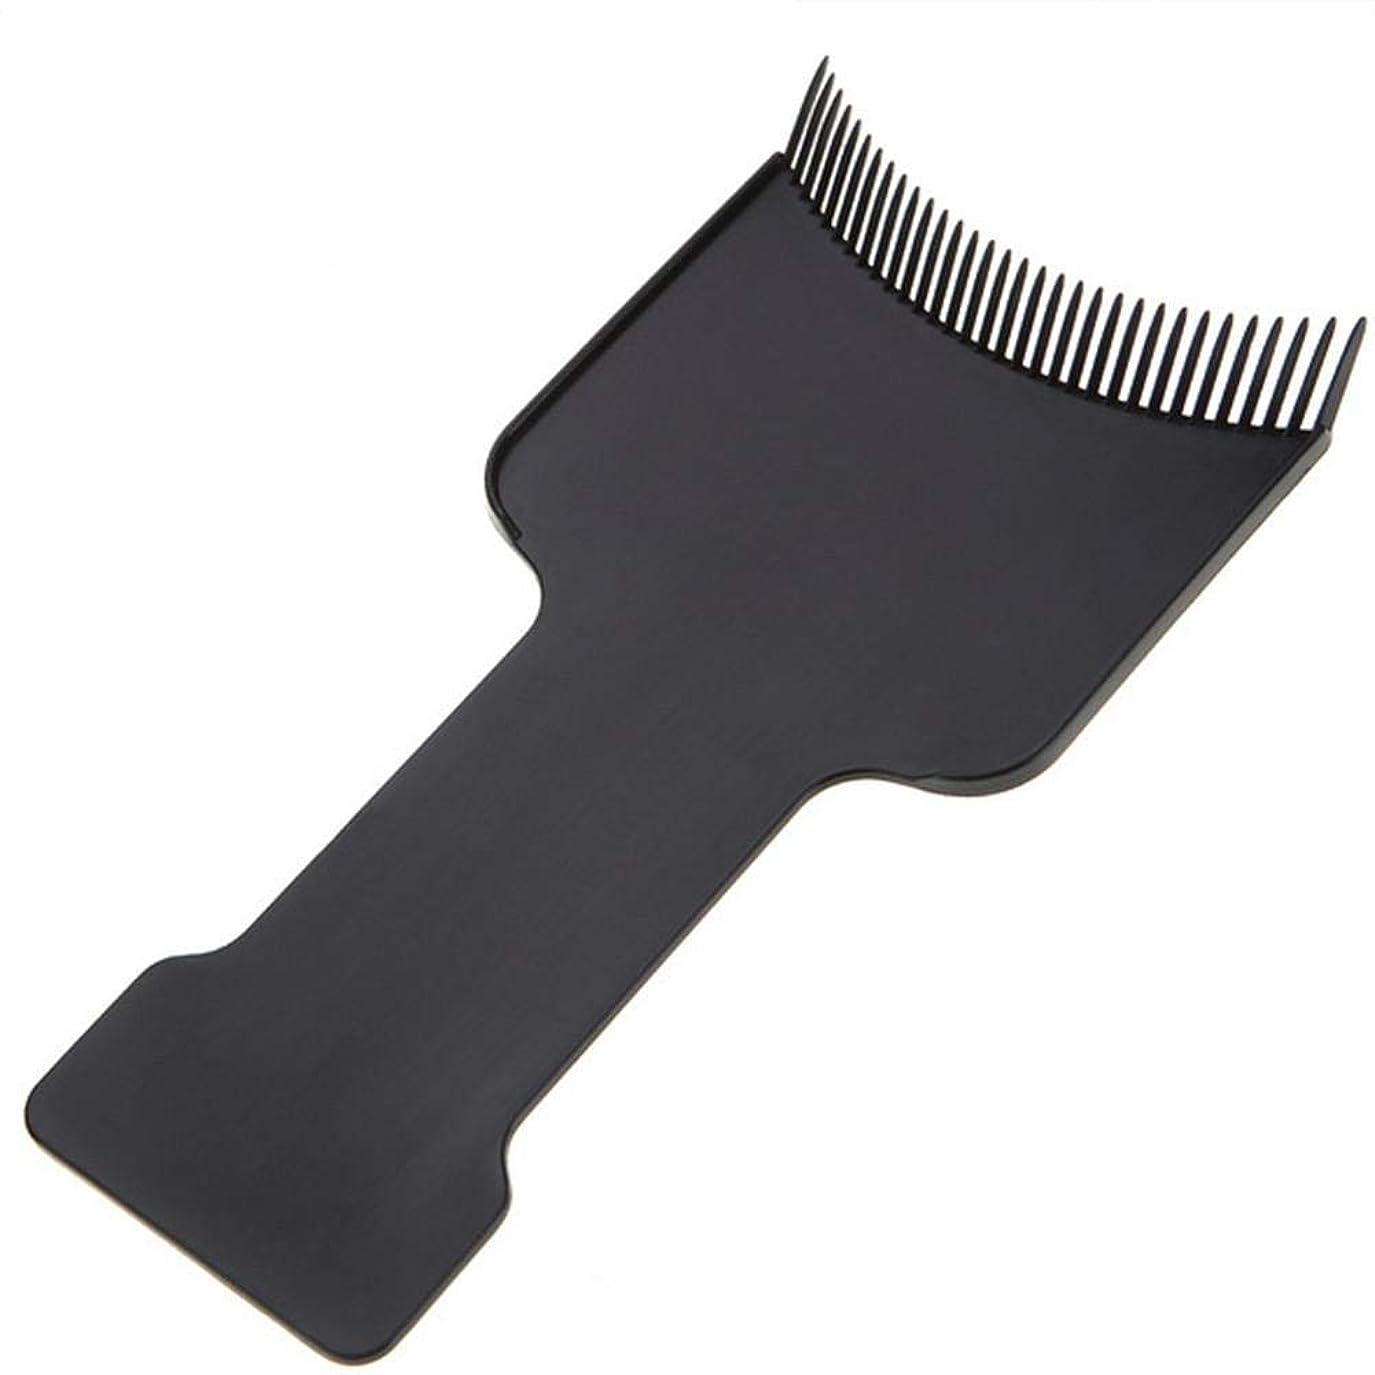 マラドロイト圧縮中世のSILUN 理髪ヘアカラーボード 理髪サロン髪 着色染色ボードヘアトリートメントケアピックカラーボードコーム理髪ツール プロフェッショナルブラックヘアブラシボード理髪美容ツール